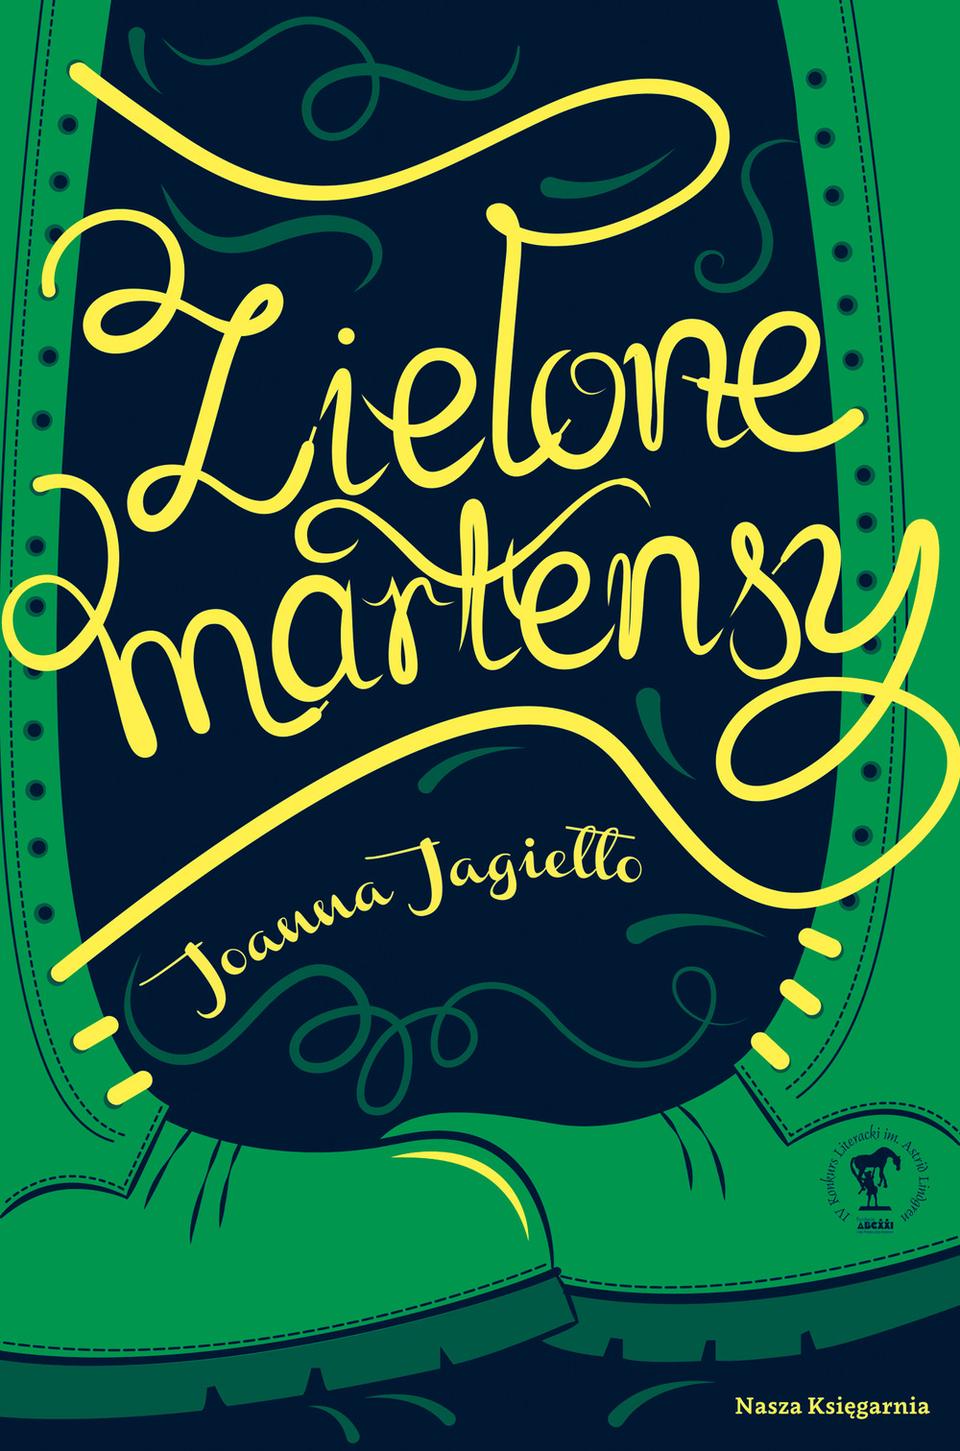 Zielone martensy - Joanna Jagieo - Ceny i opinie - trendinfo.club